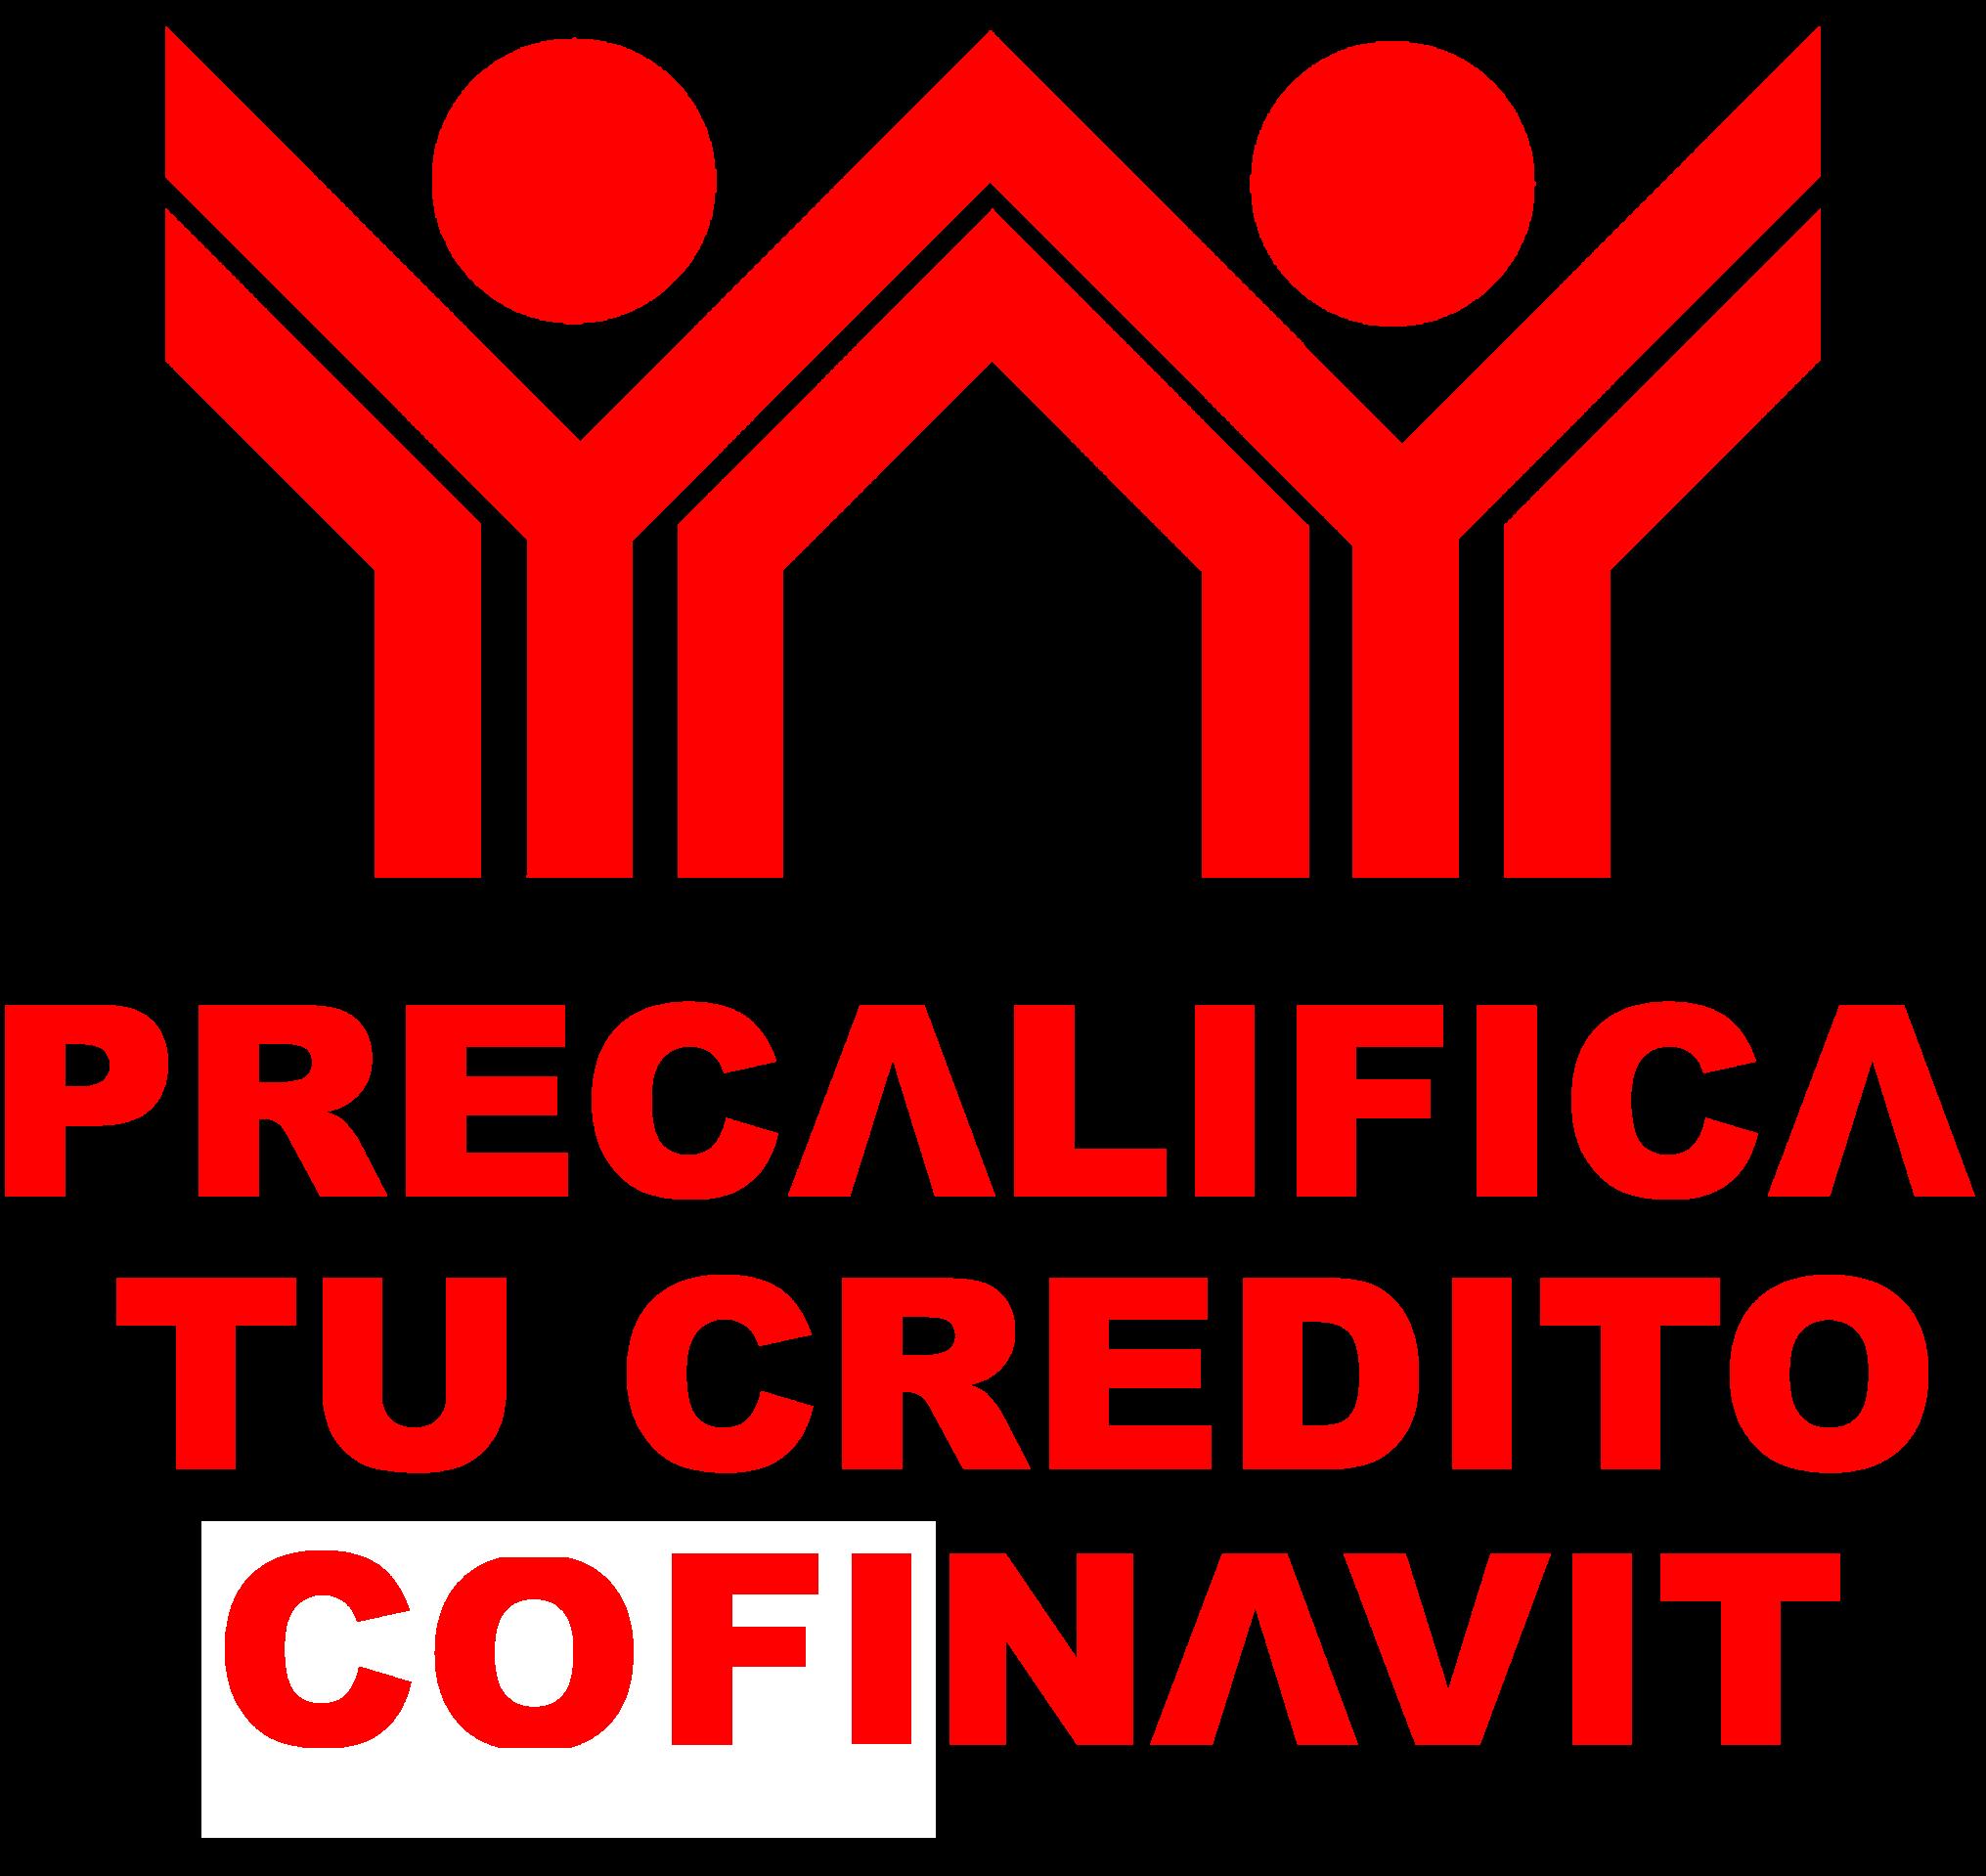 COFINAVIT PRECALIFICA TU CREDITO